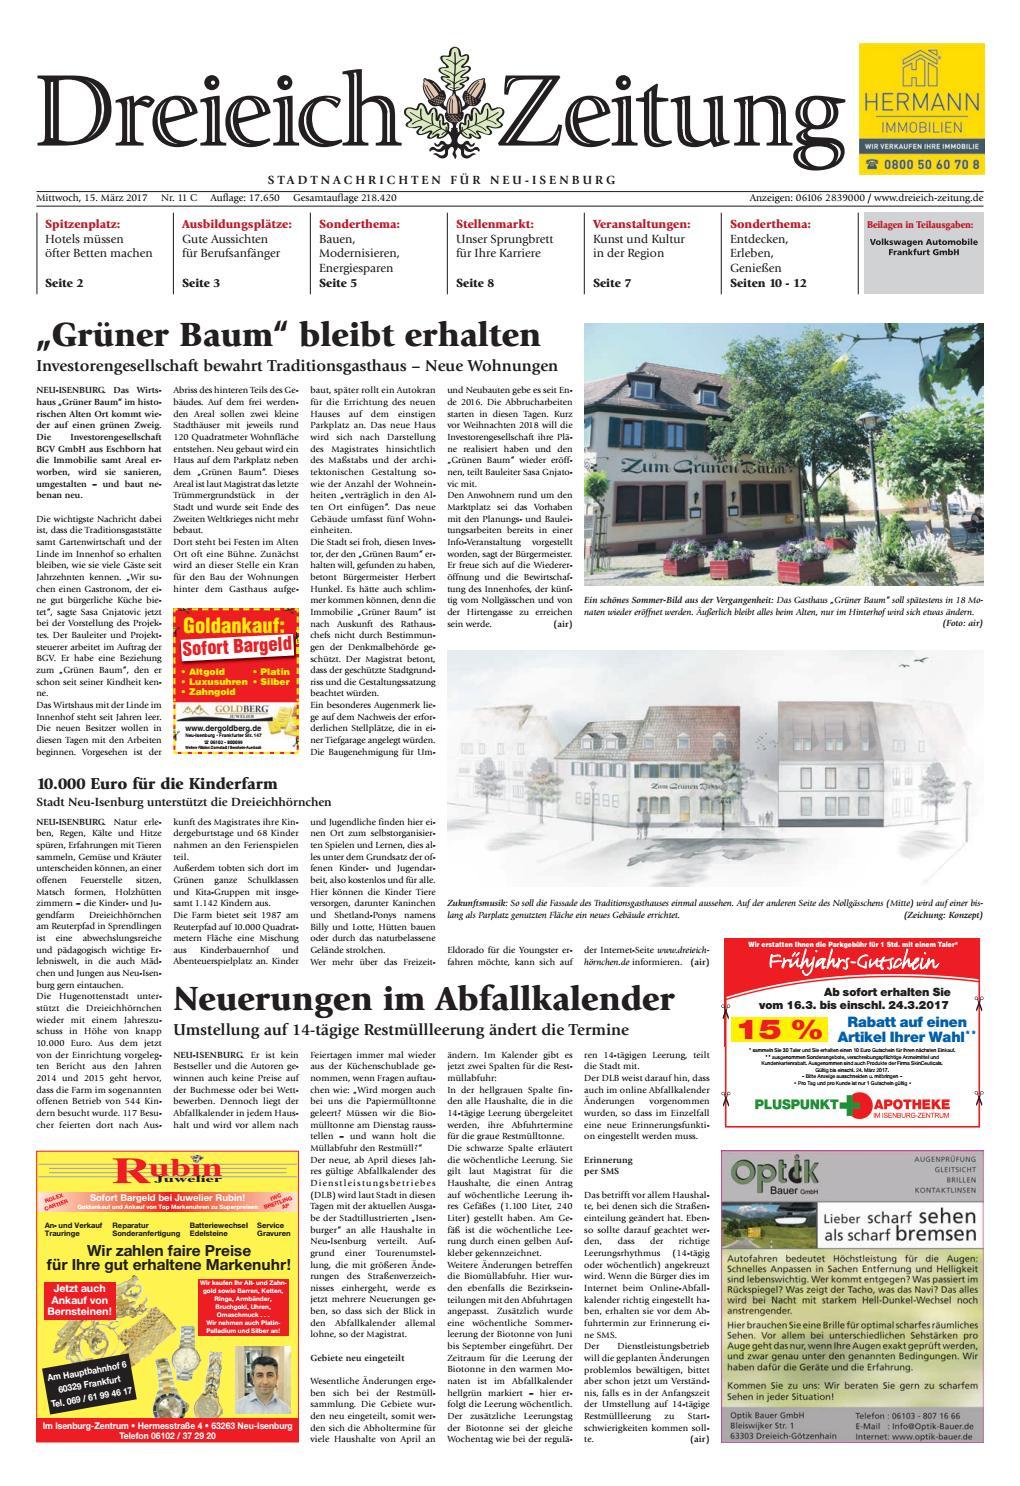 Dz Online 011 17 C By Dreieich Zeitung Offenbach Journal Issuu